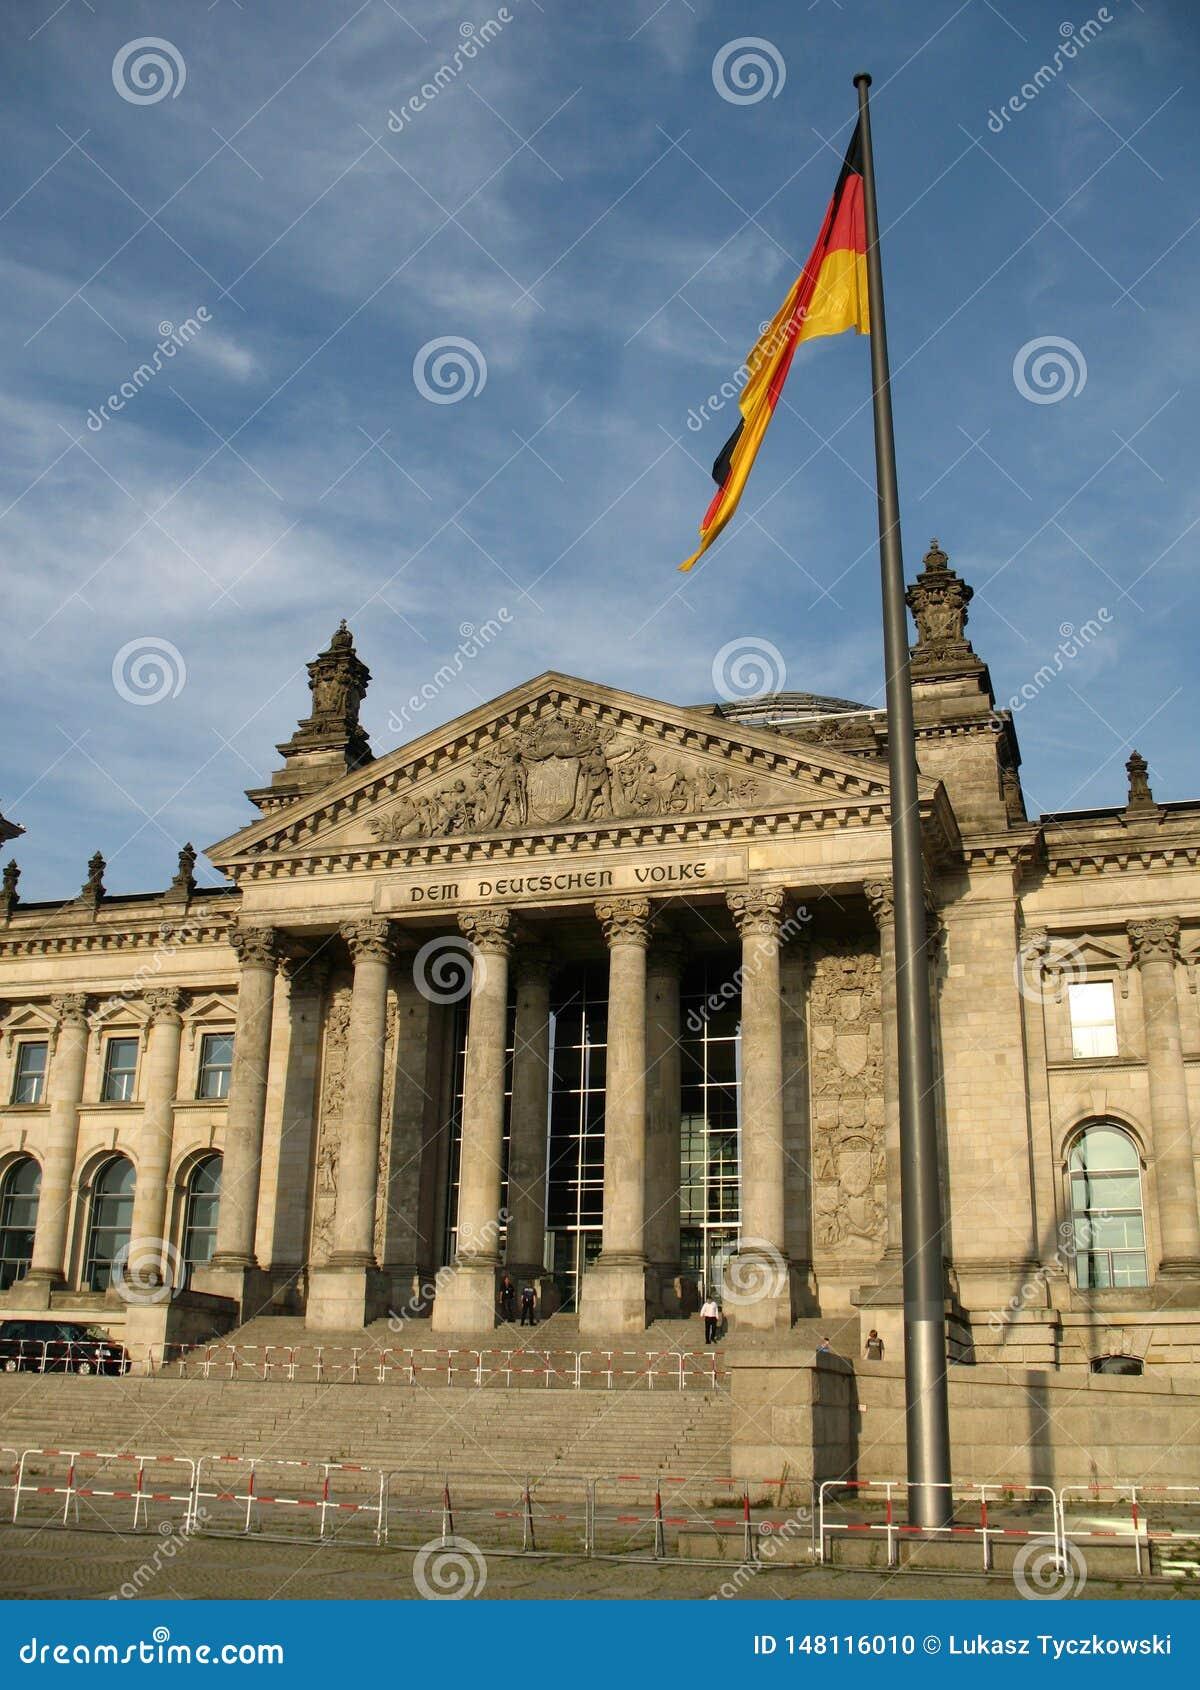 Edificio de Reichstag en Berlín, Alemania y bandera alemana en frente